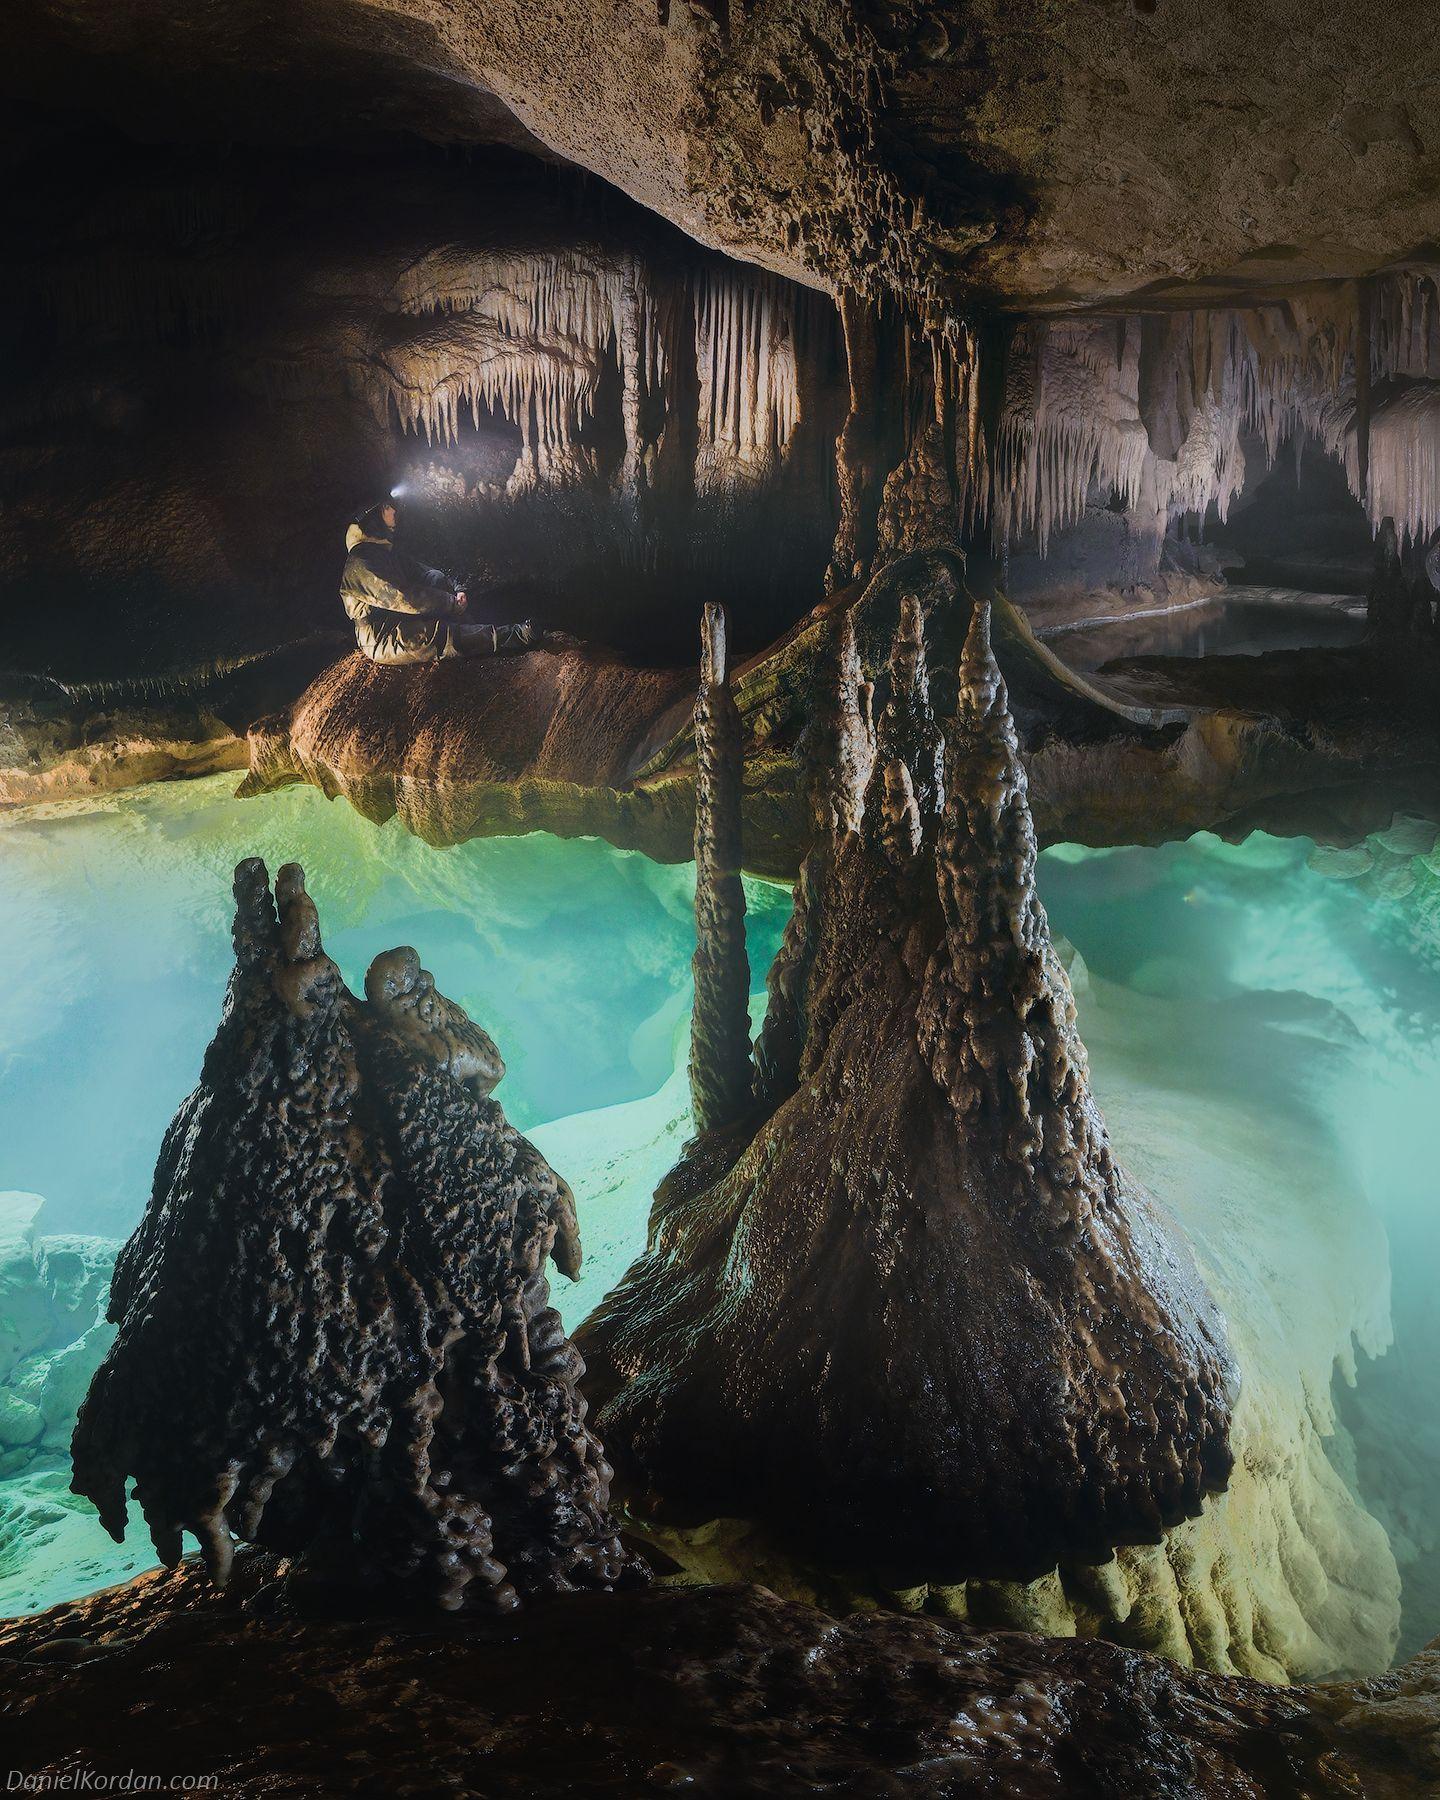 Крым, Красная пещера, Даниил Коржонов